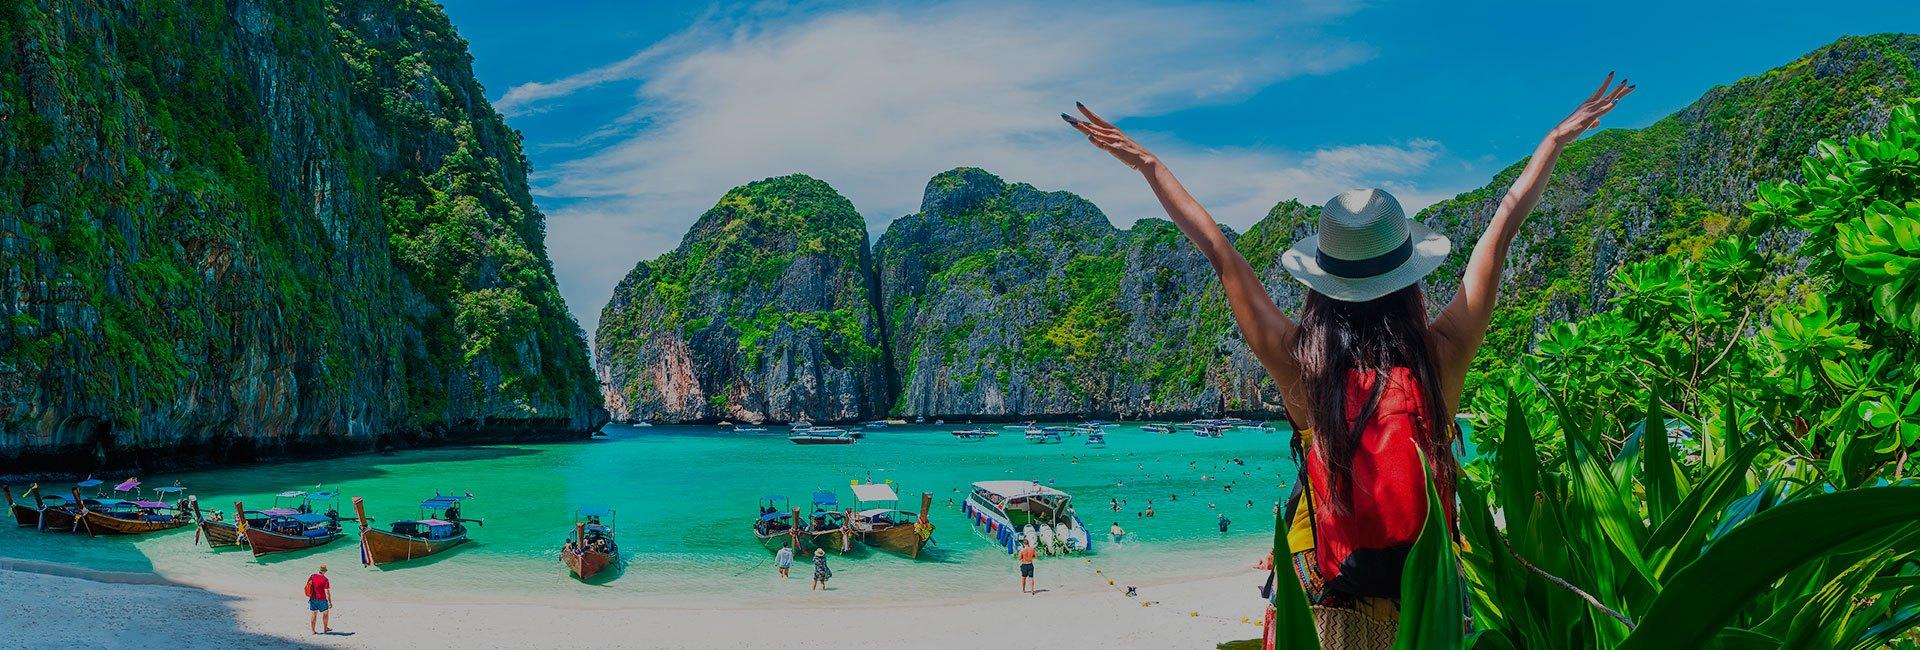 На 12 дней в Паттайю, Таиланд  !